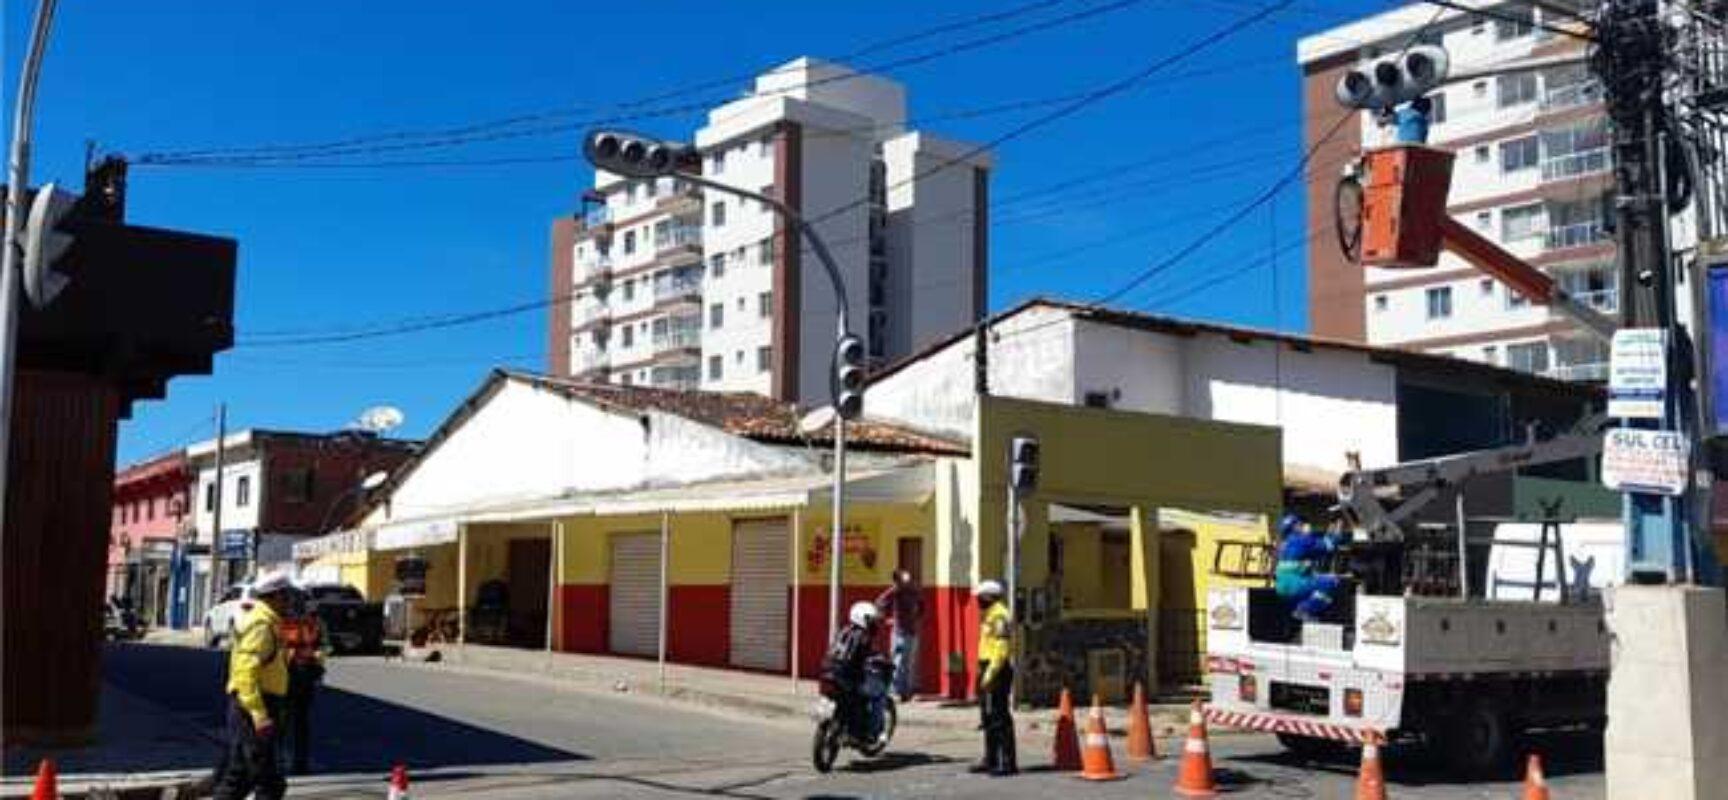 Maio Amarelo: Prefeitura realiza manutenção dos semáforos e contribui para a segurança no trânsito